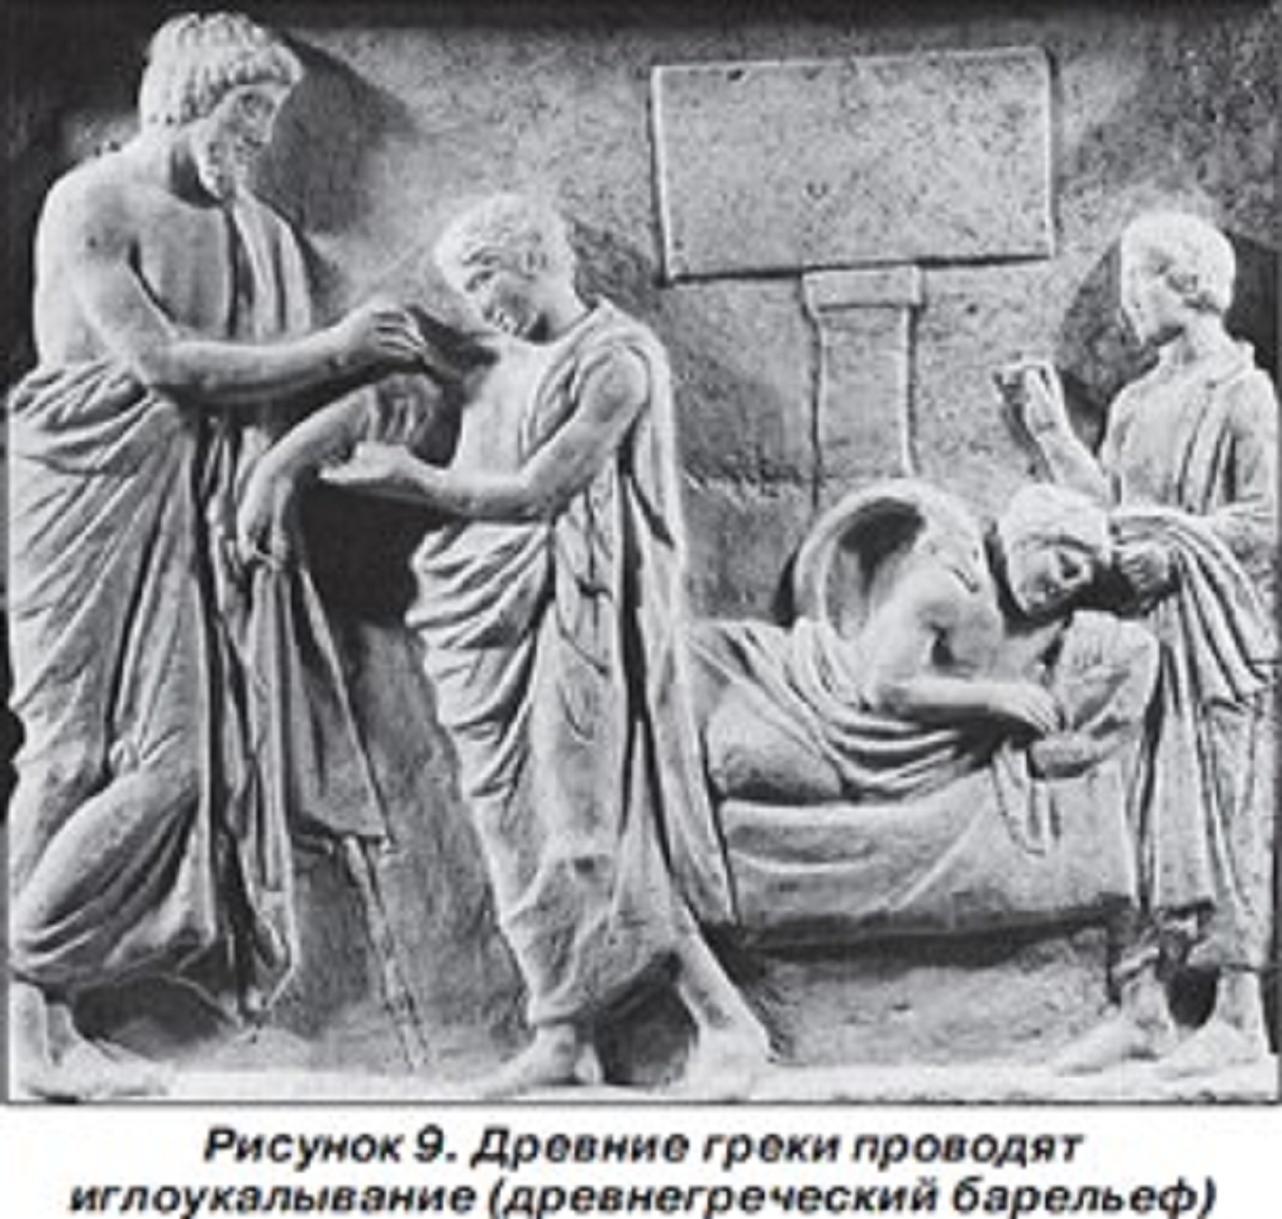 Ὁ βελονισμός ἀπό ποῦ κατάγεται;